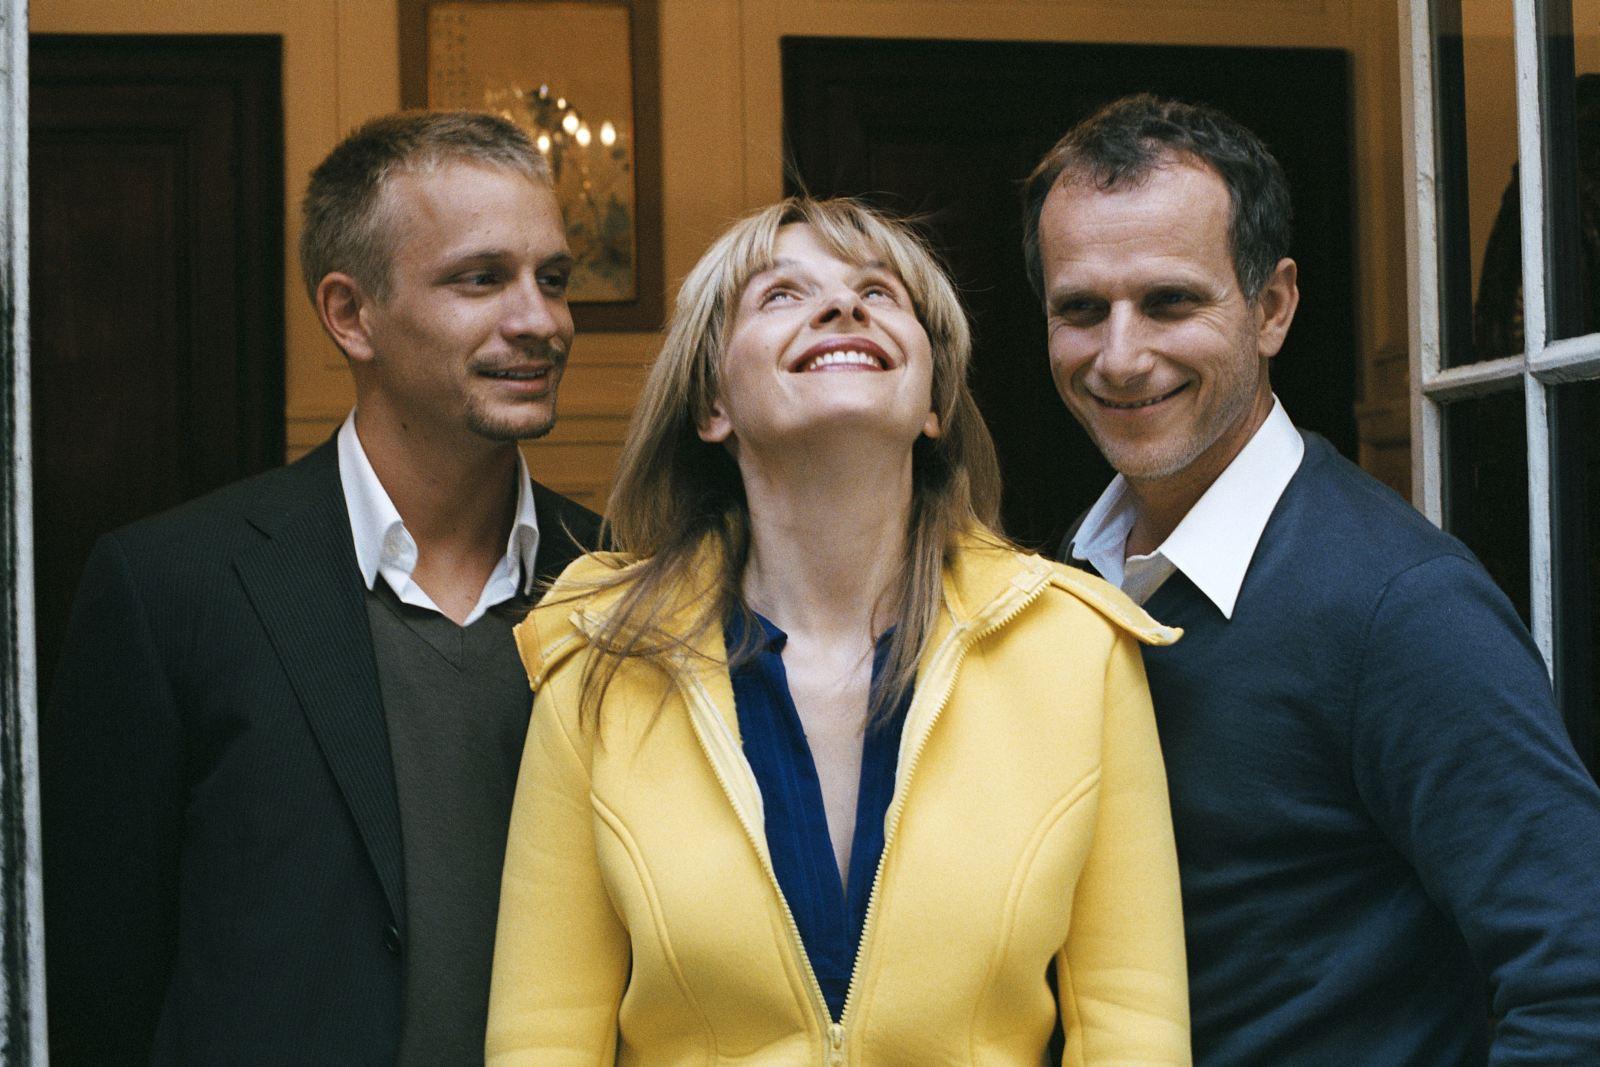 Jérémie (Jérémie Renier), Adrienne (Juliette Binoche) and Frédéric (Charles Berling)